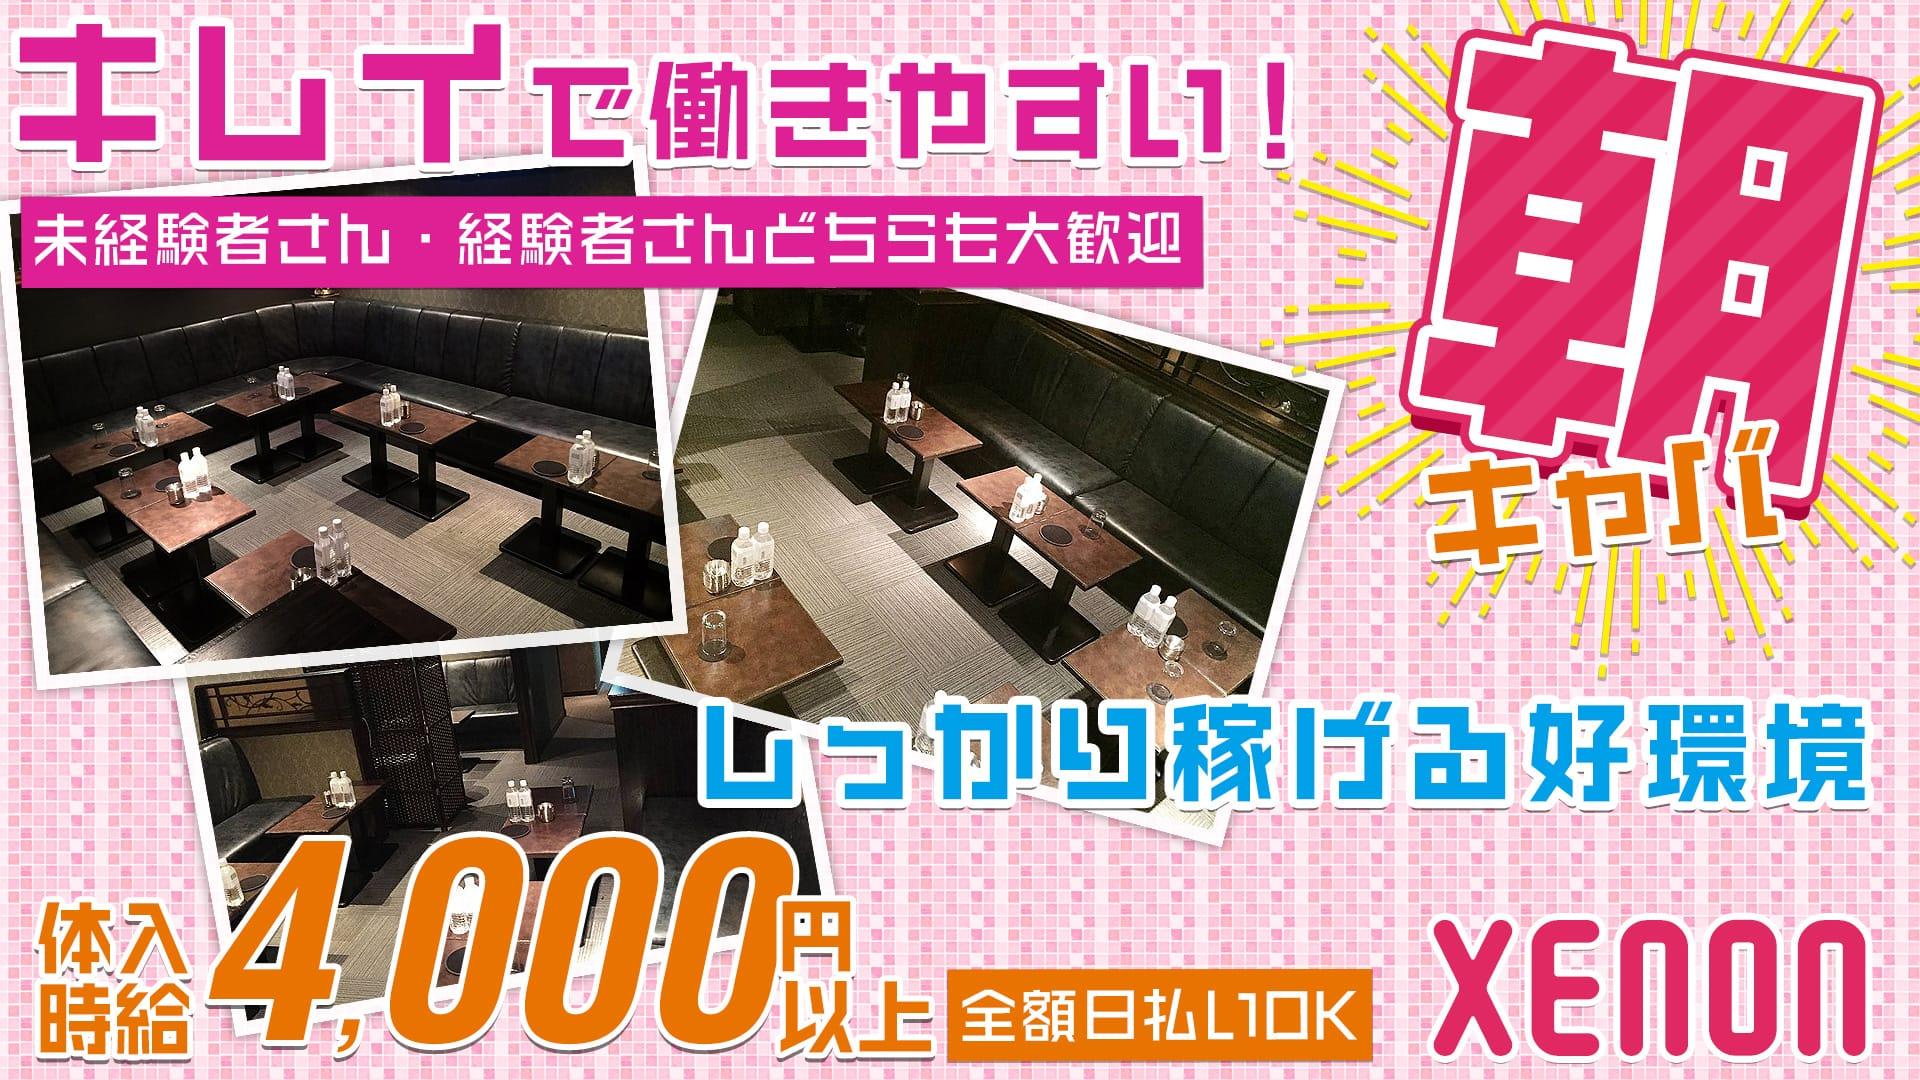 【朝・昼】XENON(ゼノン) 渋谷昼キャバ・朝キャバ TOP画像